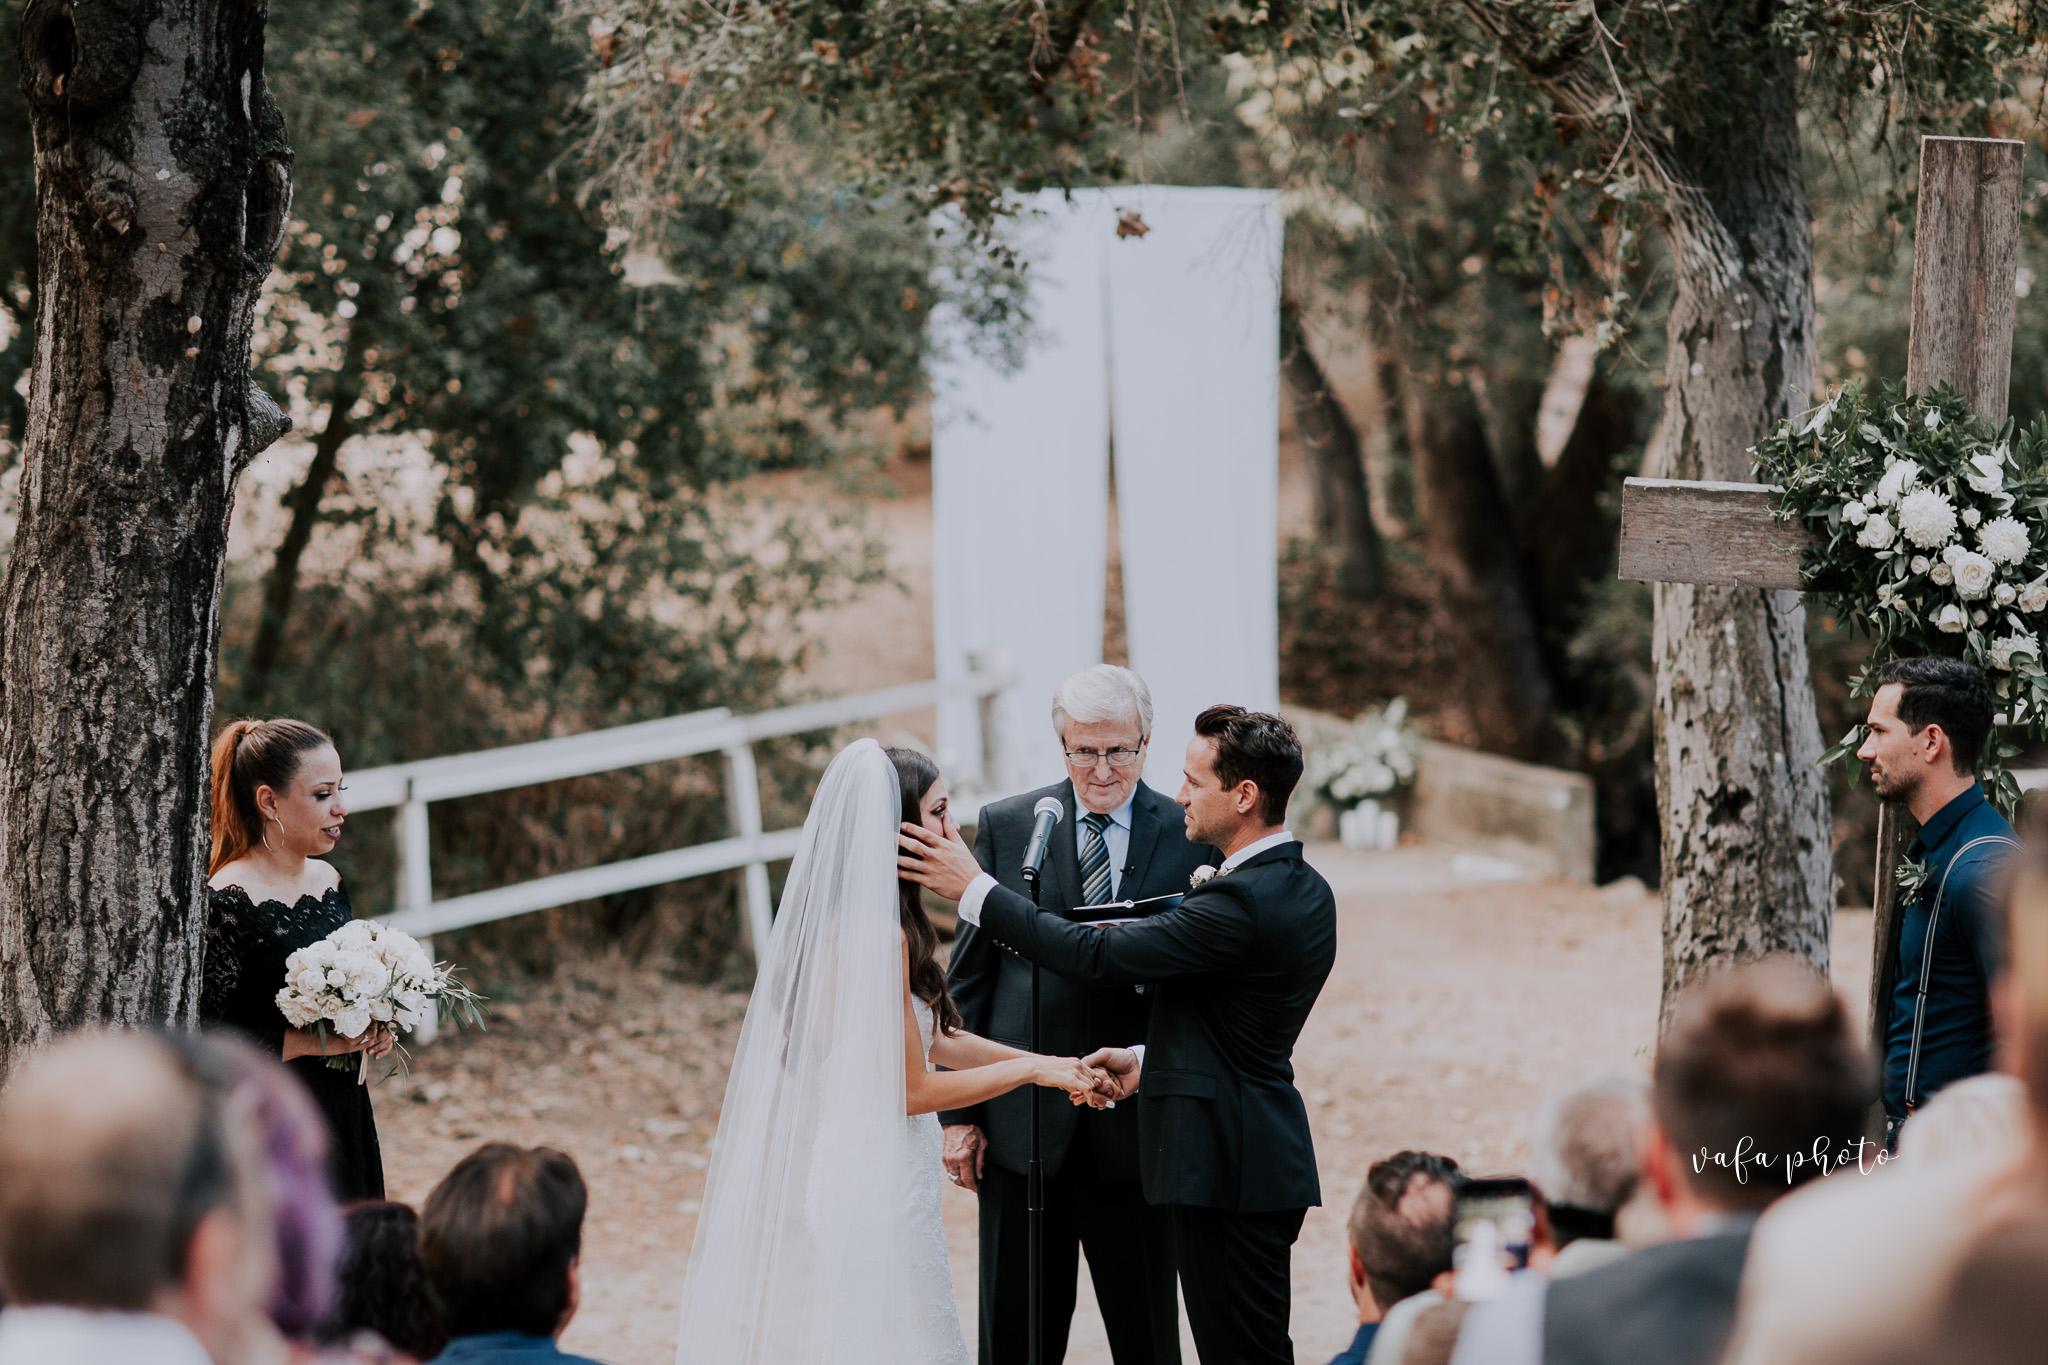 Southern-California-Wedding-Britt-Nilsson-Jeremy-Byrne-Vafa-Photo-474.jpg